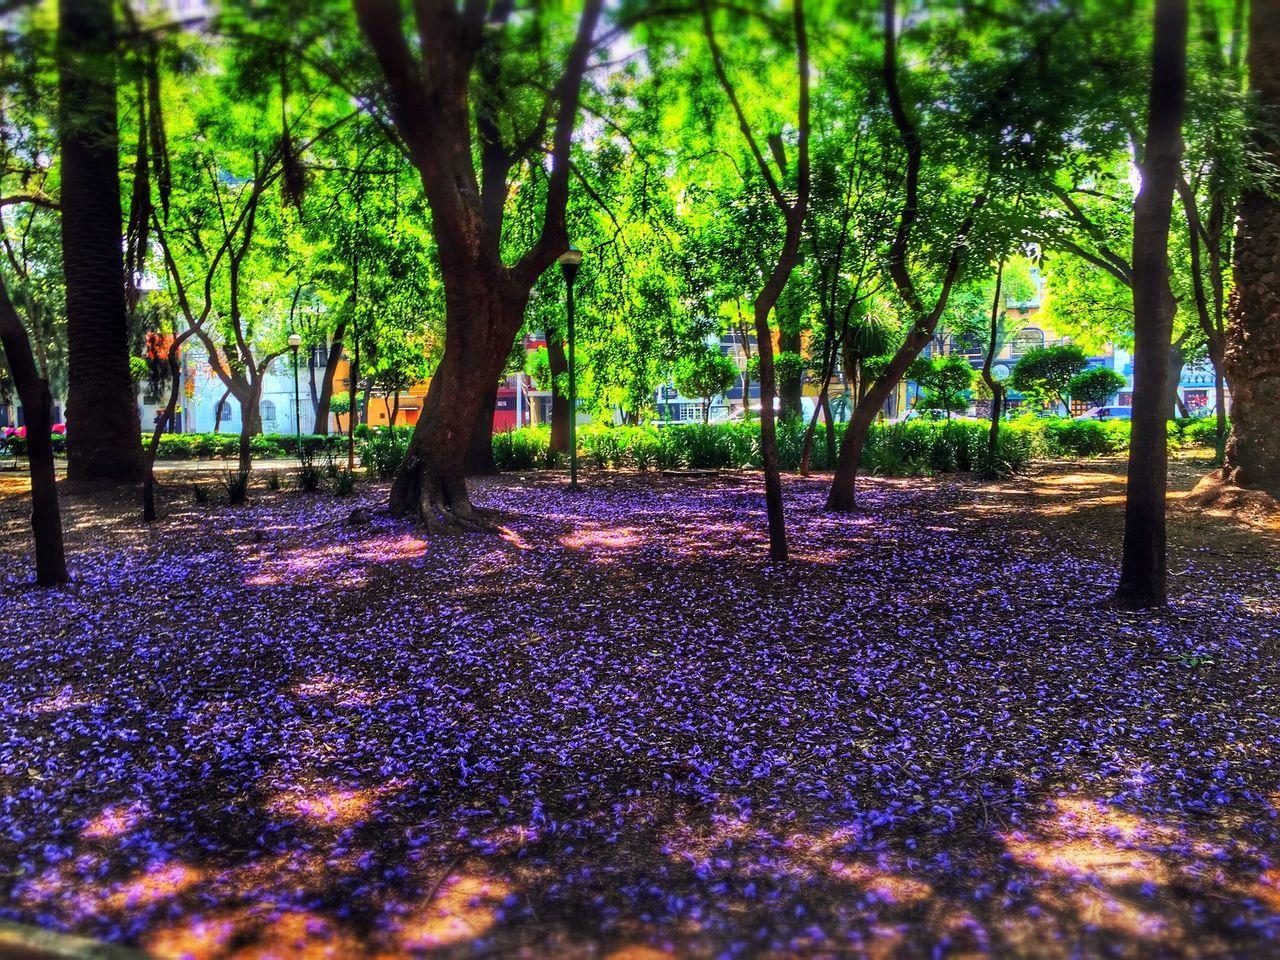 Falling Flowers In Park